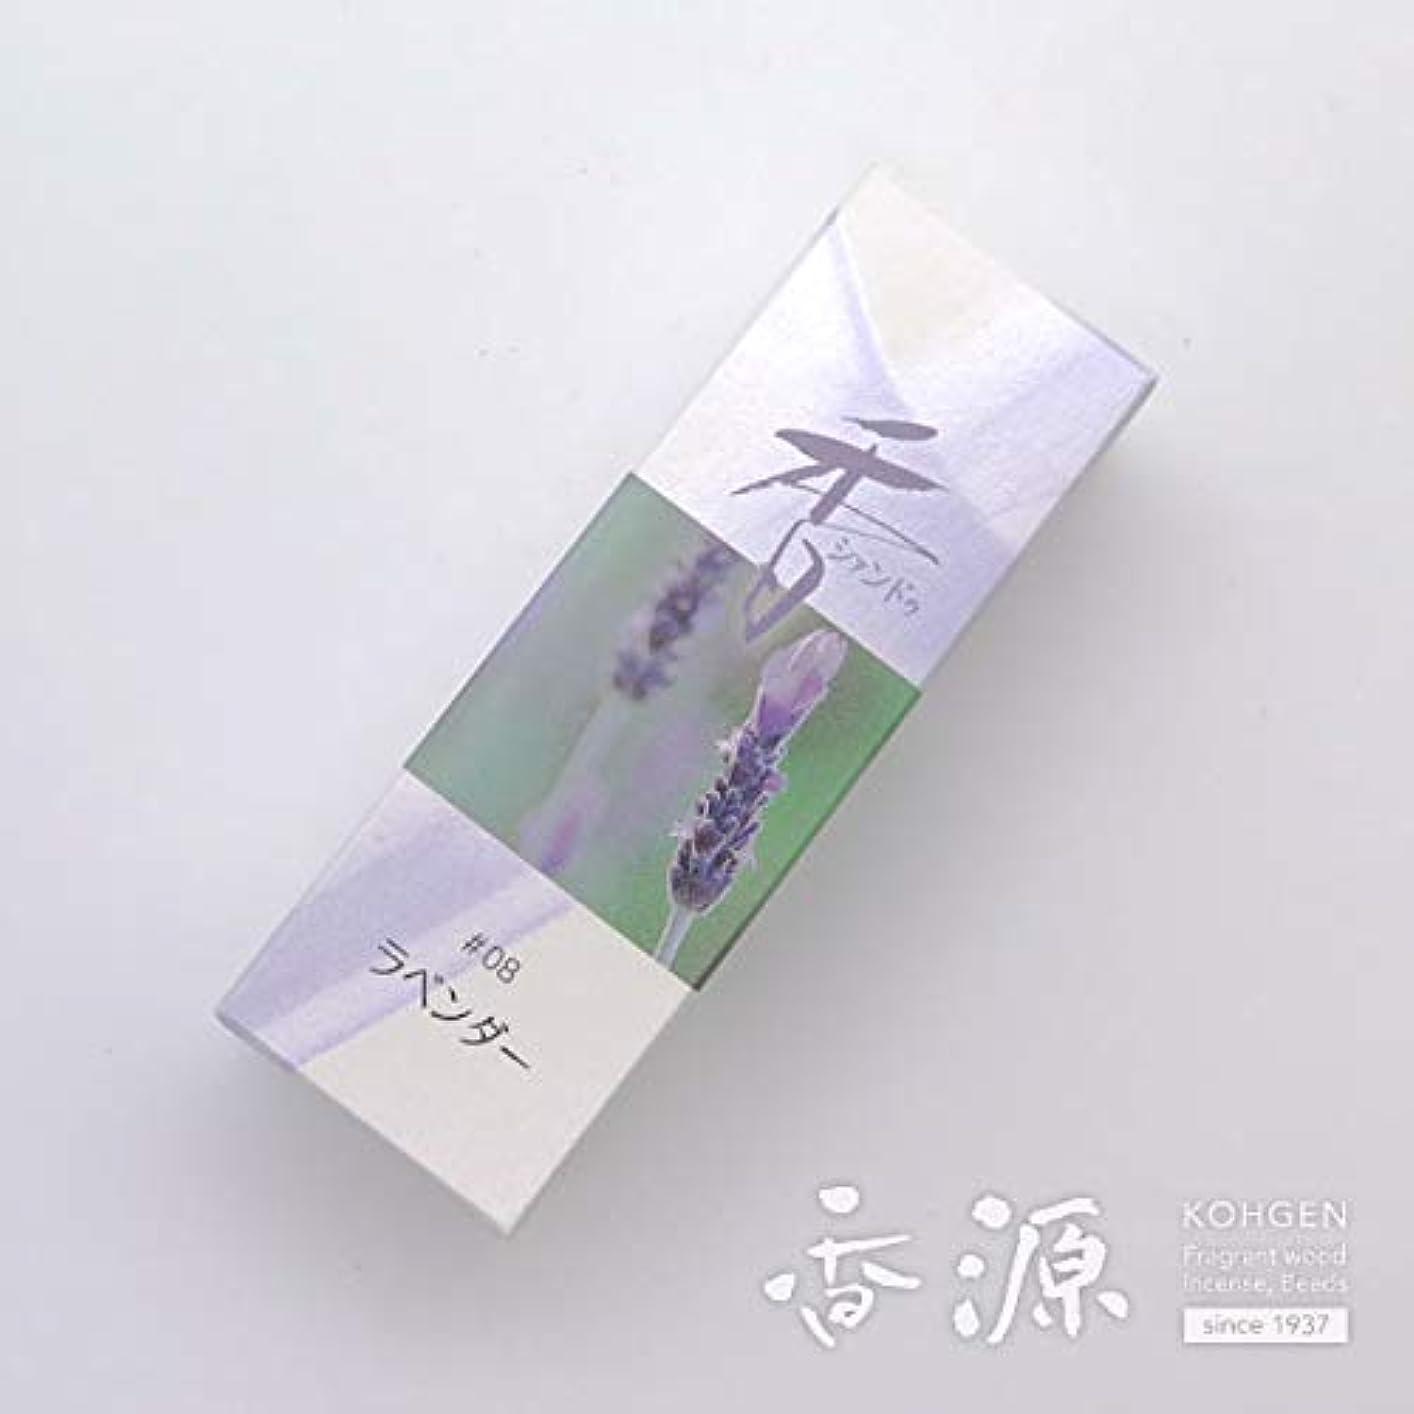 精緻化相互接続試してみる松栄堂のお香 Xiang Do ラベンダー ST20本入 簡易香立付 #214208